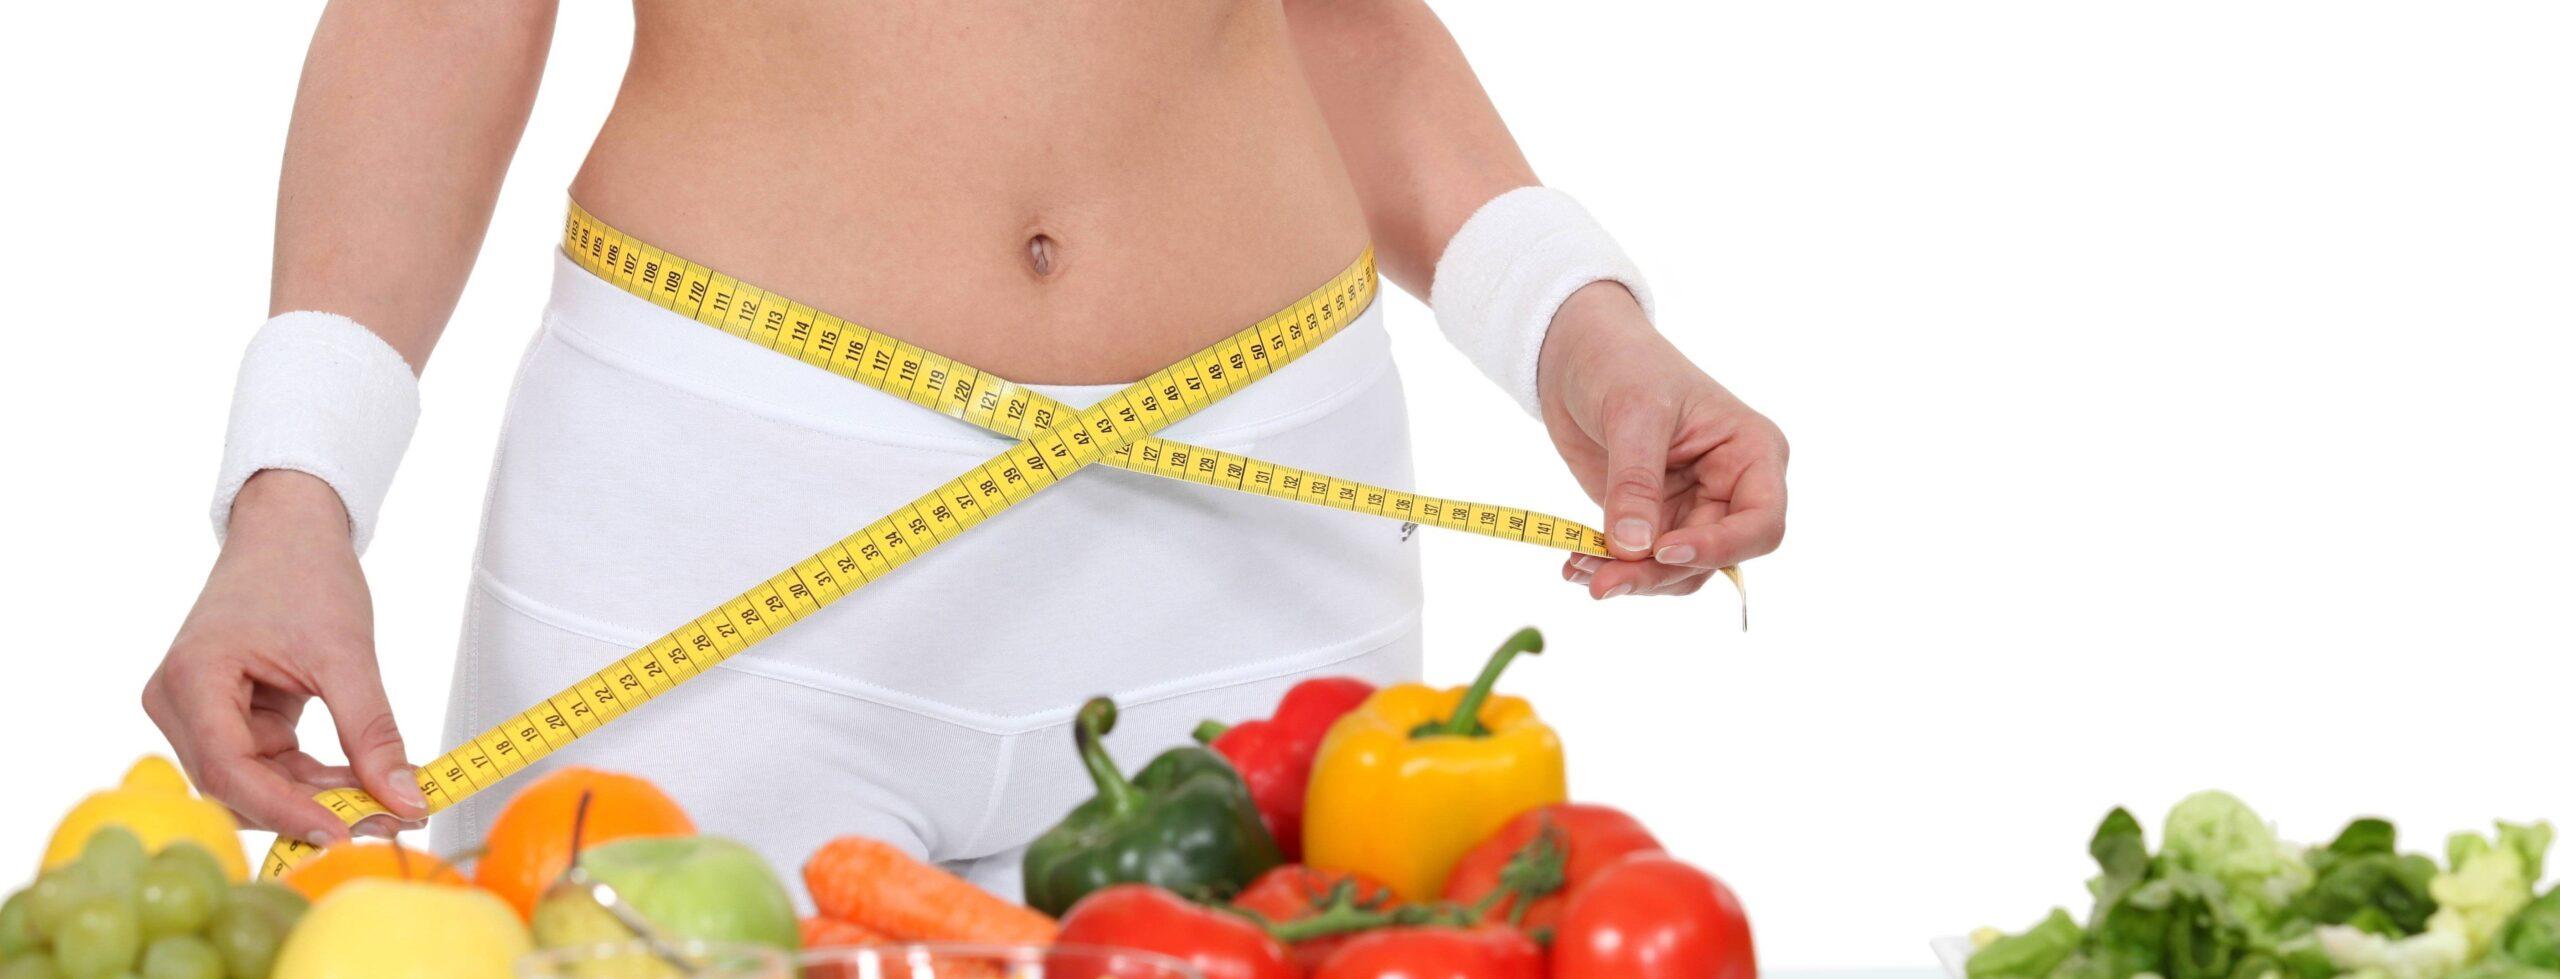 Geppi Cucciari: con la dieta Tisanoreica è tornata in forma